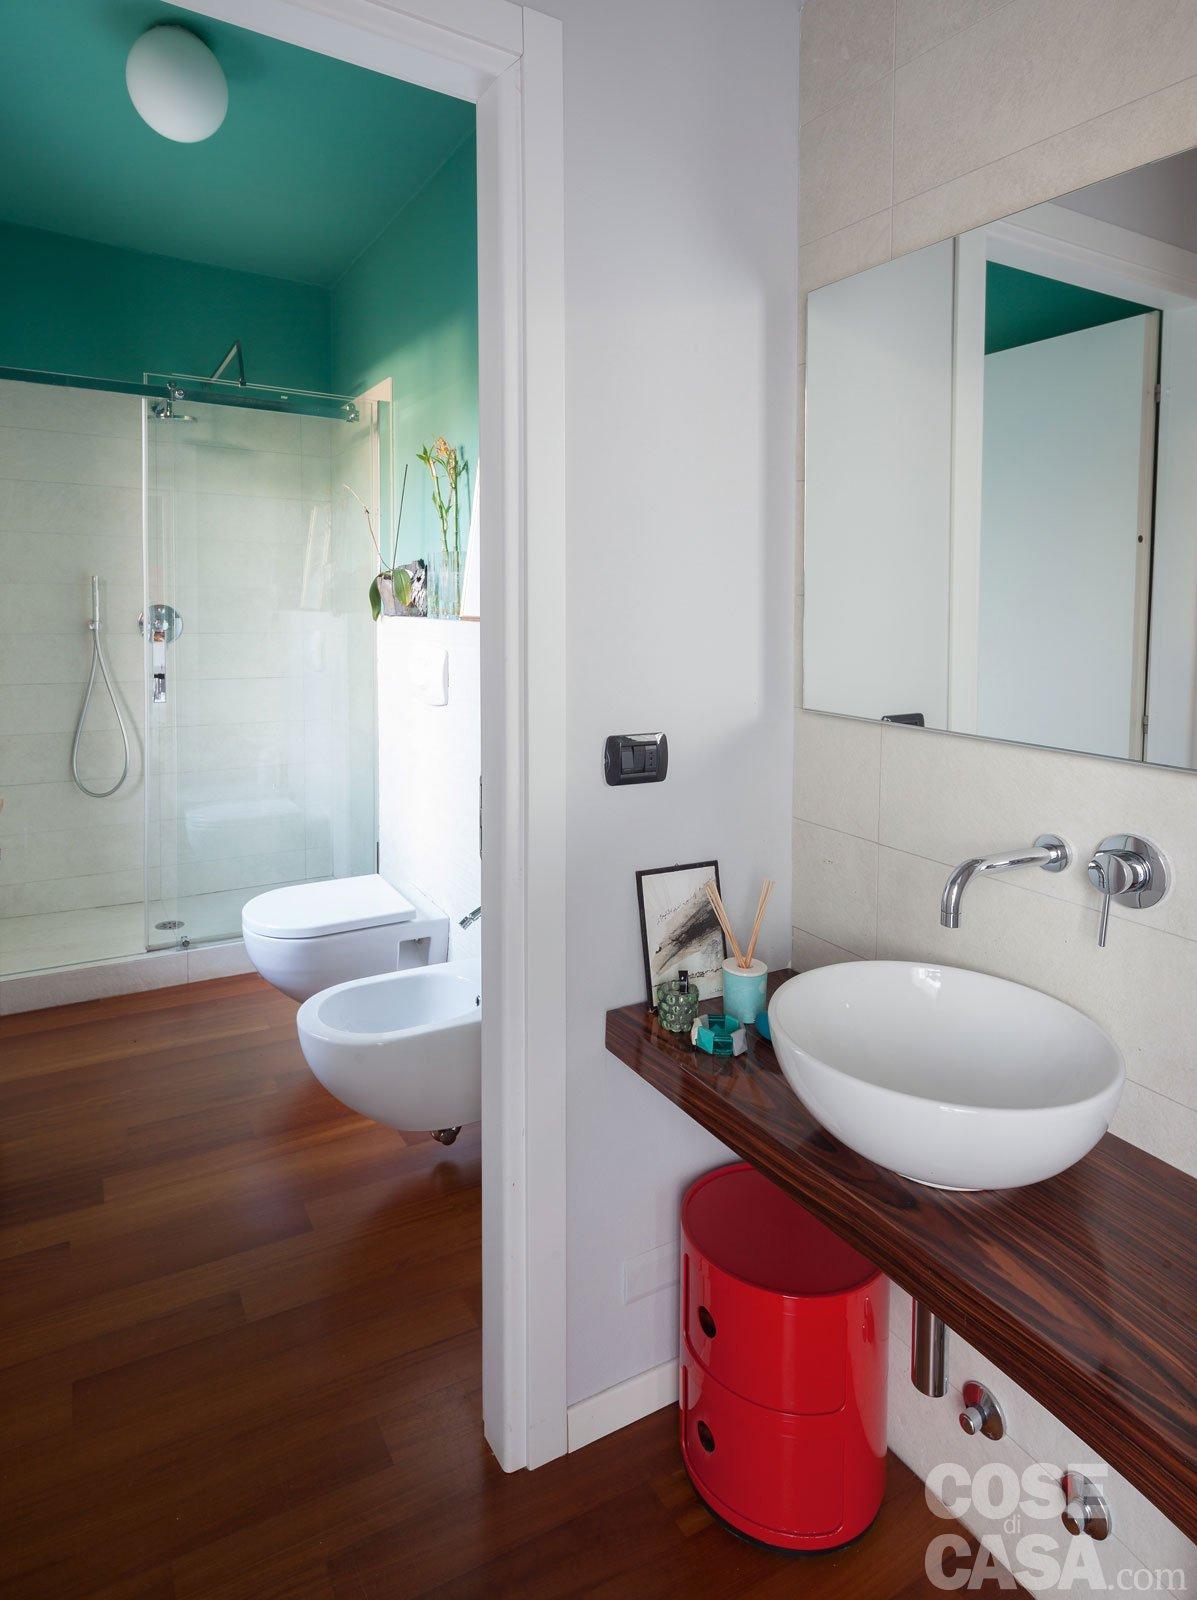 Piastrelle Bagno Blu Scuro: Arredare casa con il blu foto 27 41 design mag. S...